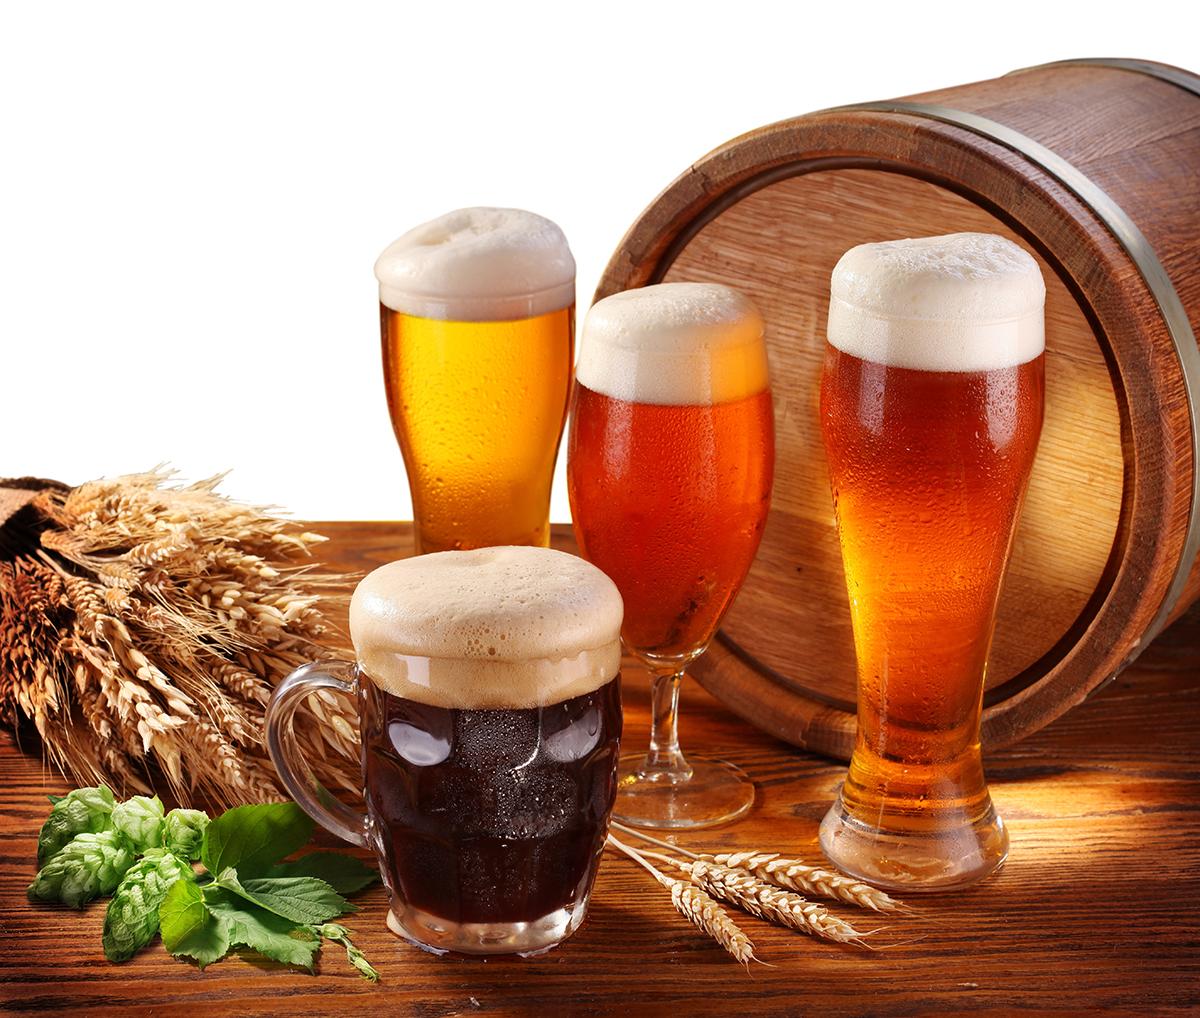 Фото стаканов с пивом